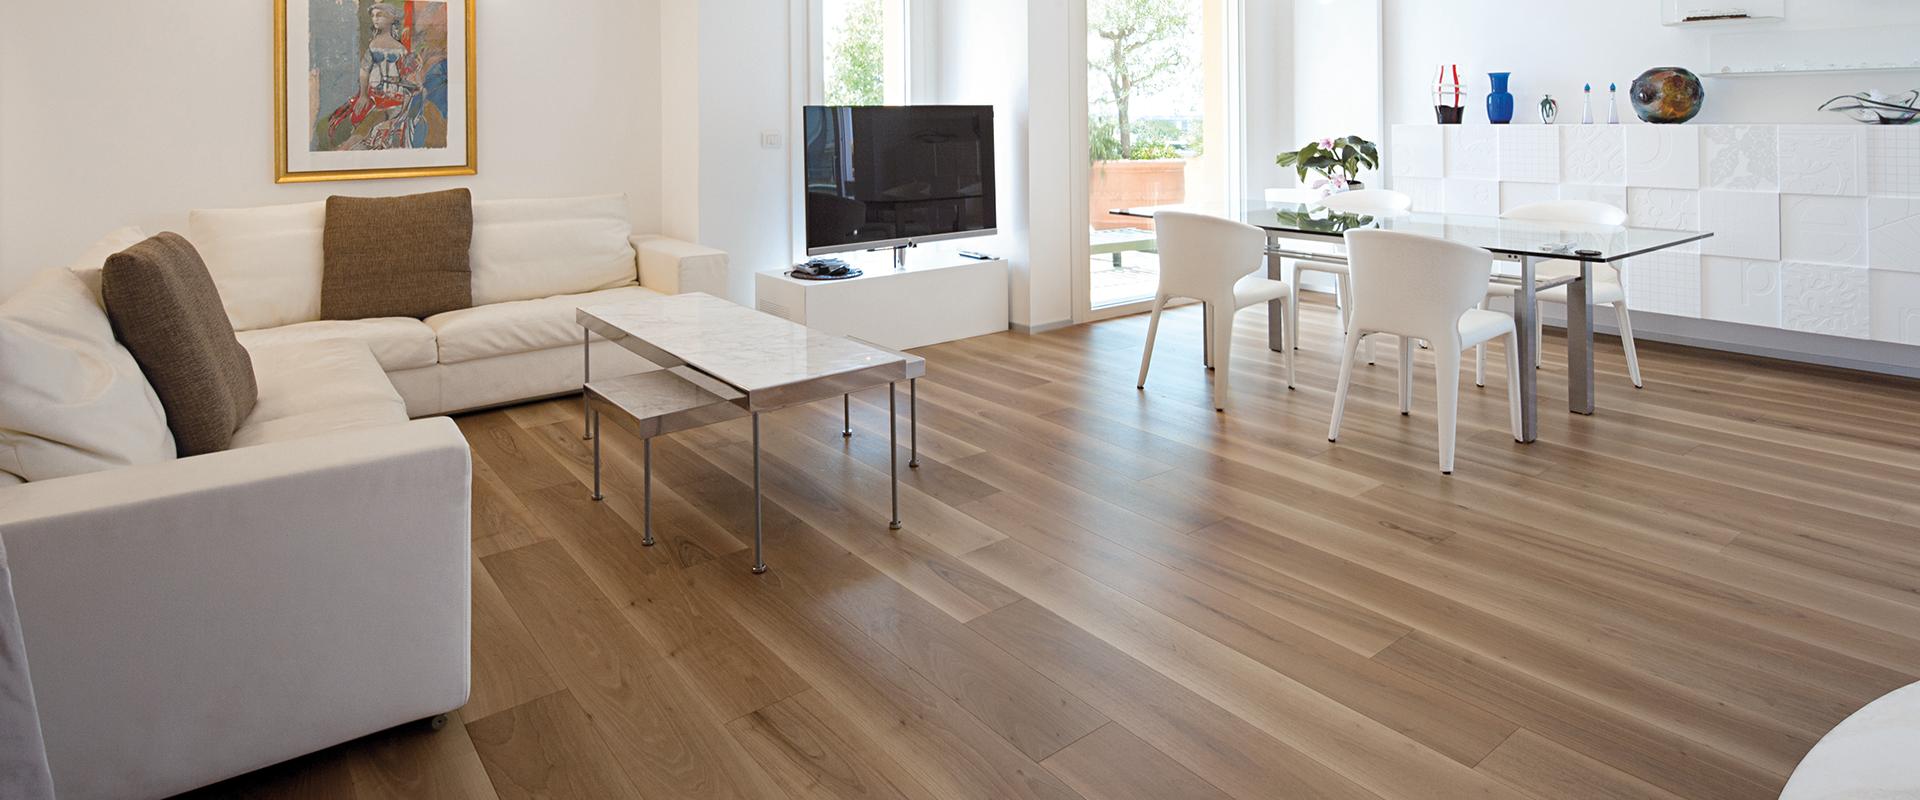 Gallery living pavimento in legno per il soggiorno e il for Pavimenti per soggiorno